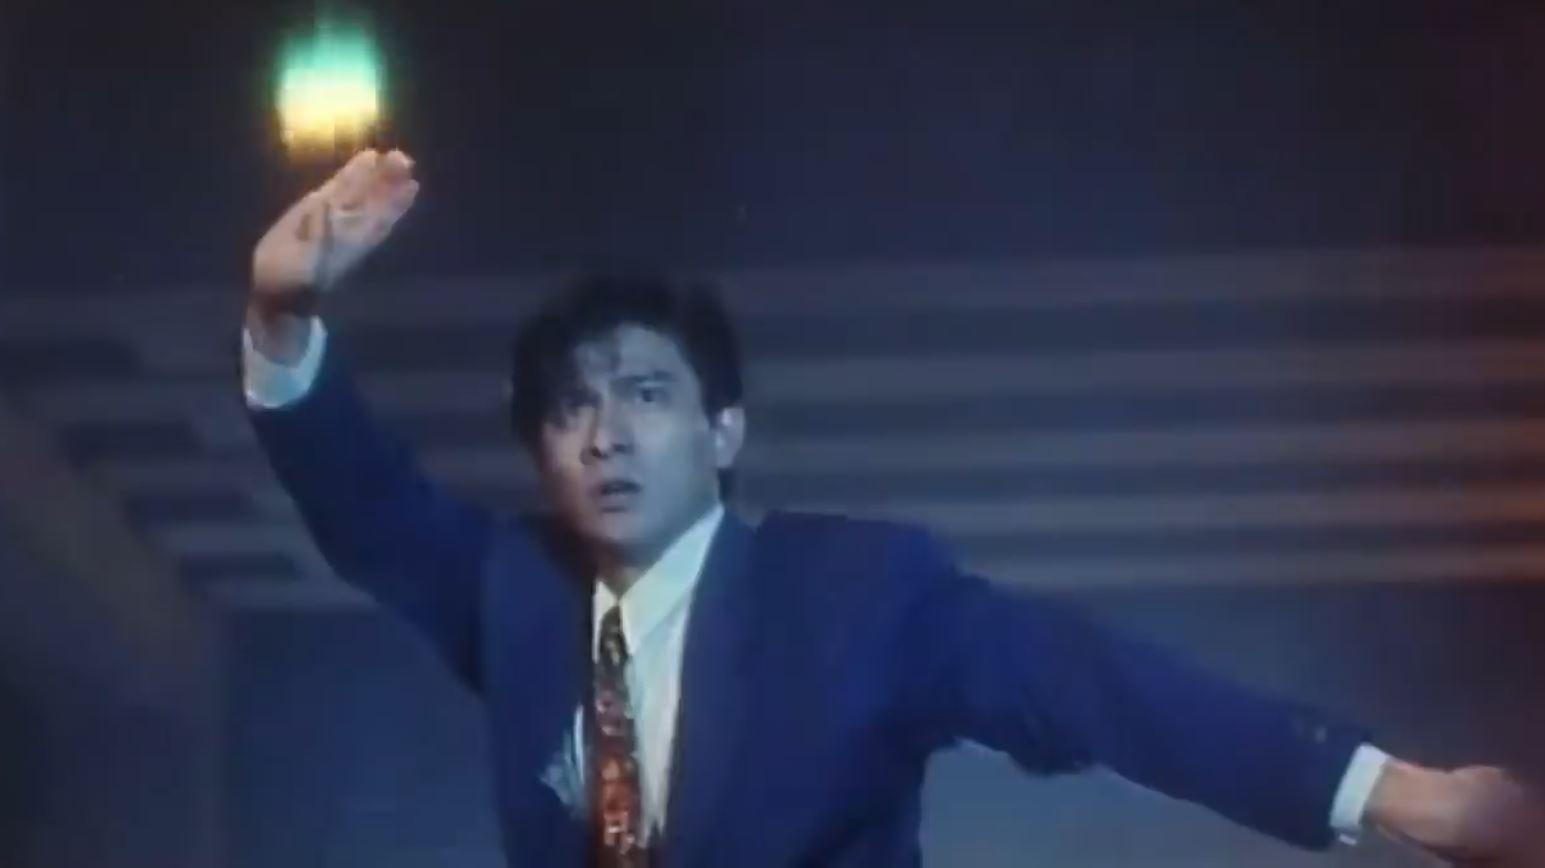 Phim Như Lai Thần Chưởng - Lưu Đức Hoa ft Vương Tổ Hiền [Lồng tiếng Full HD]